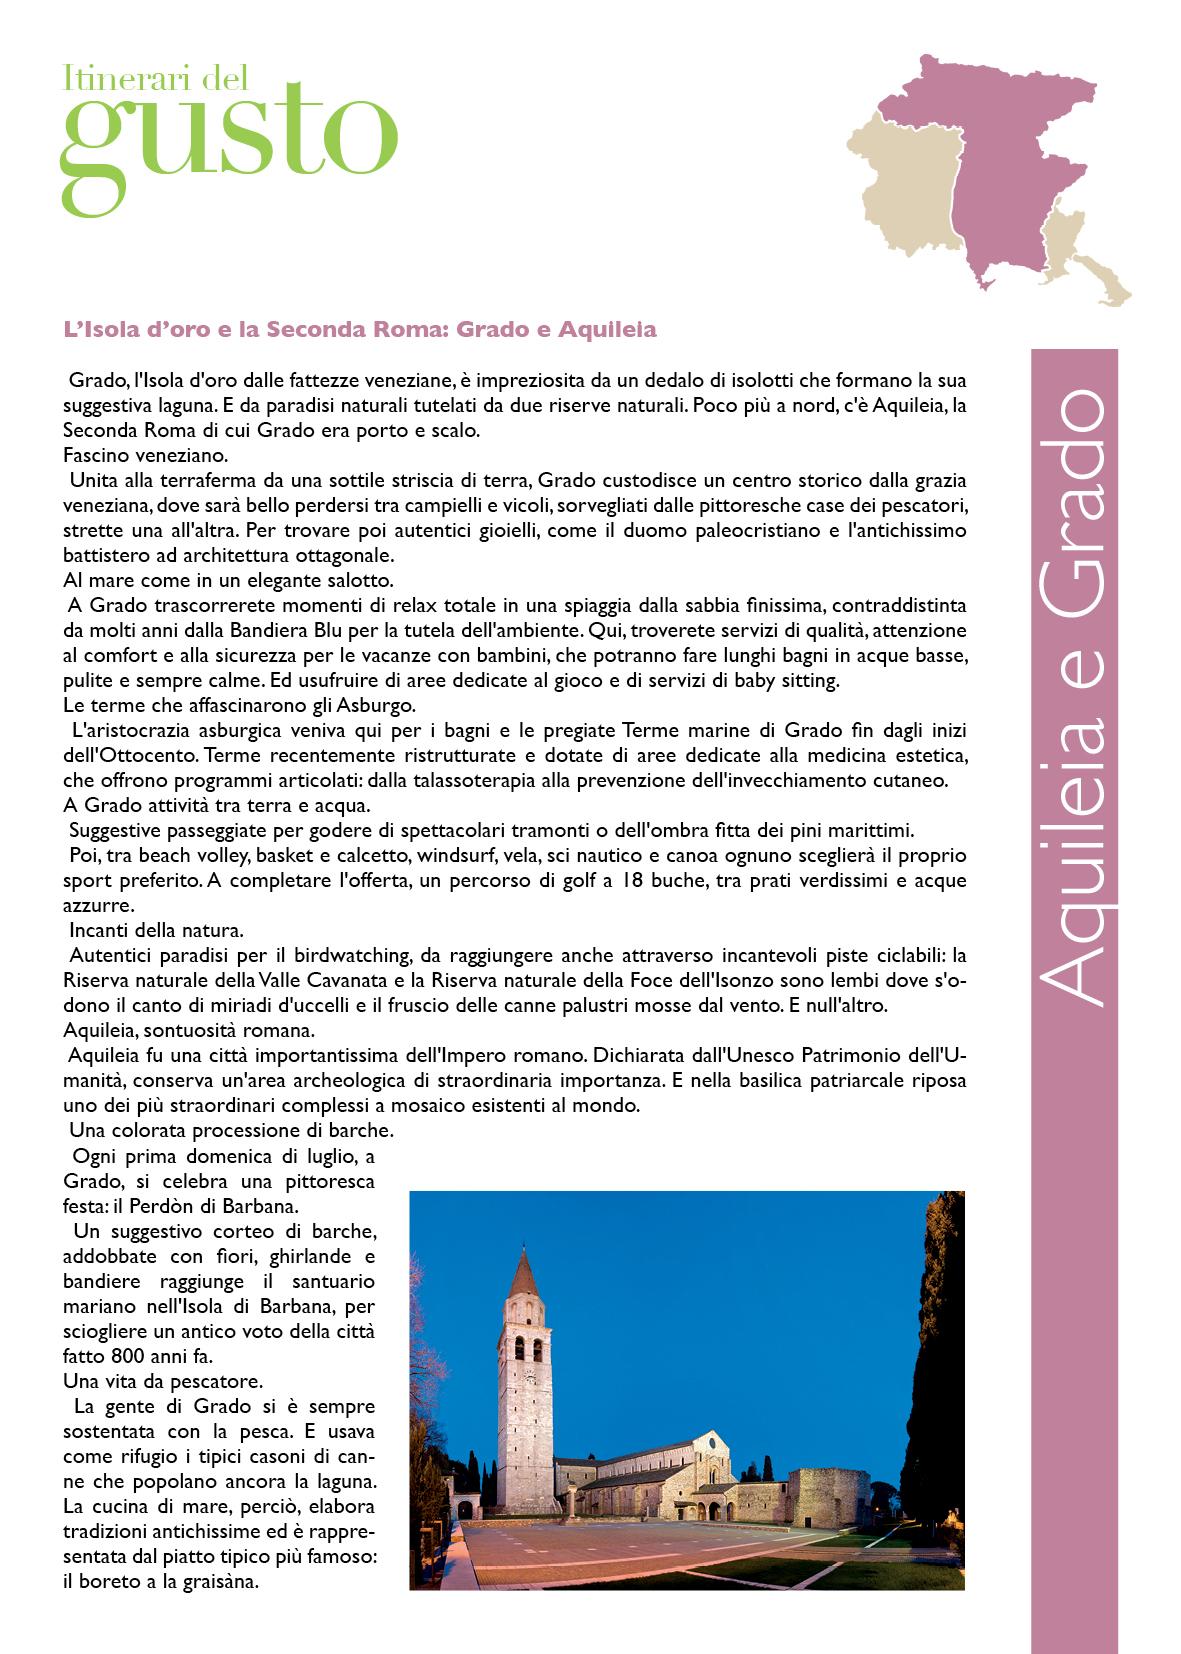 ITINERARI DEL GUSTO 2018-19 pagine singole44